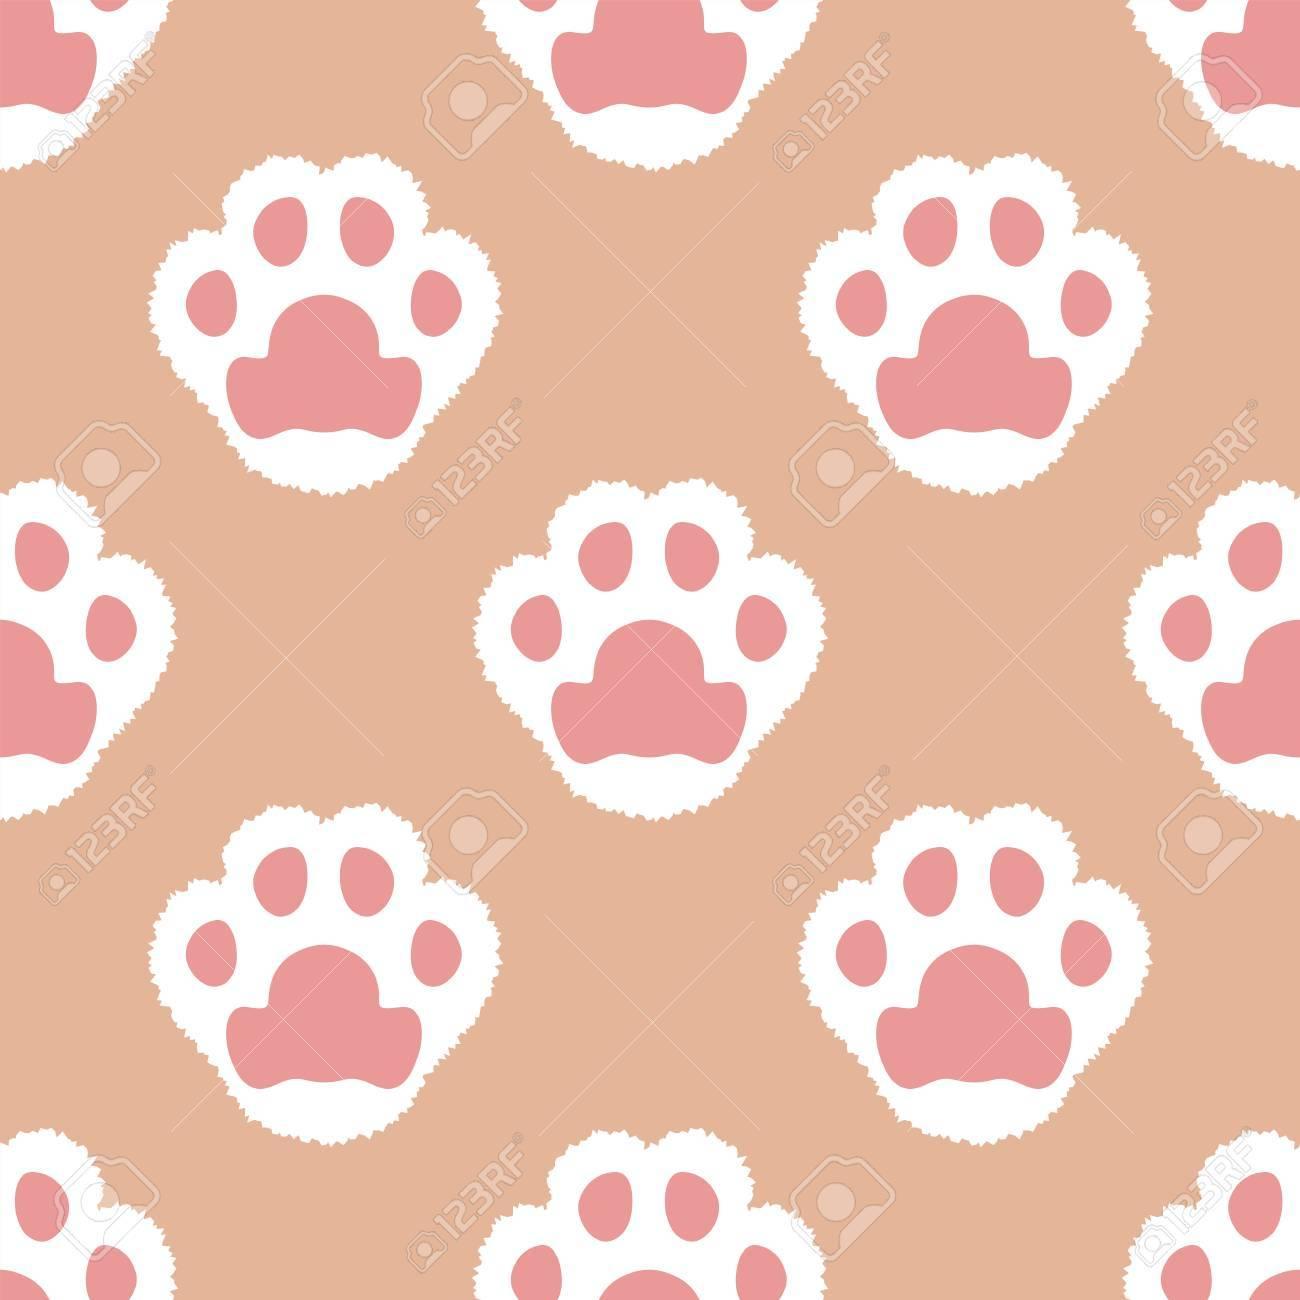 Cat Fluffy Paw Seamless Cartoon Wallpaper